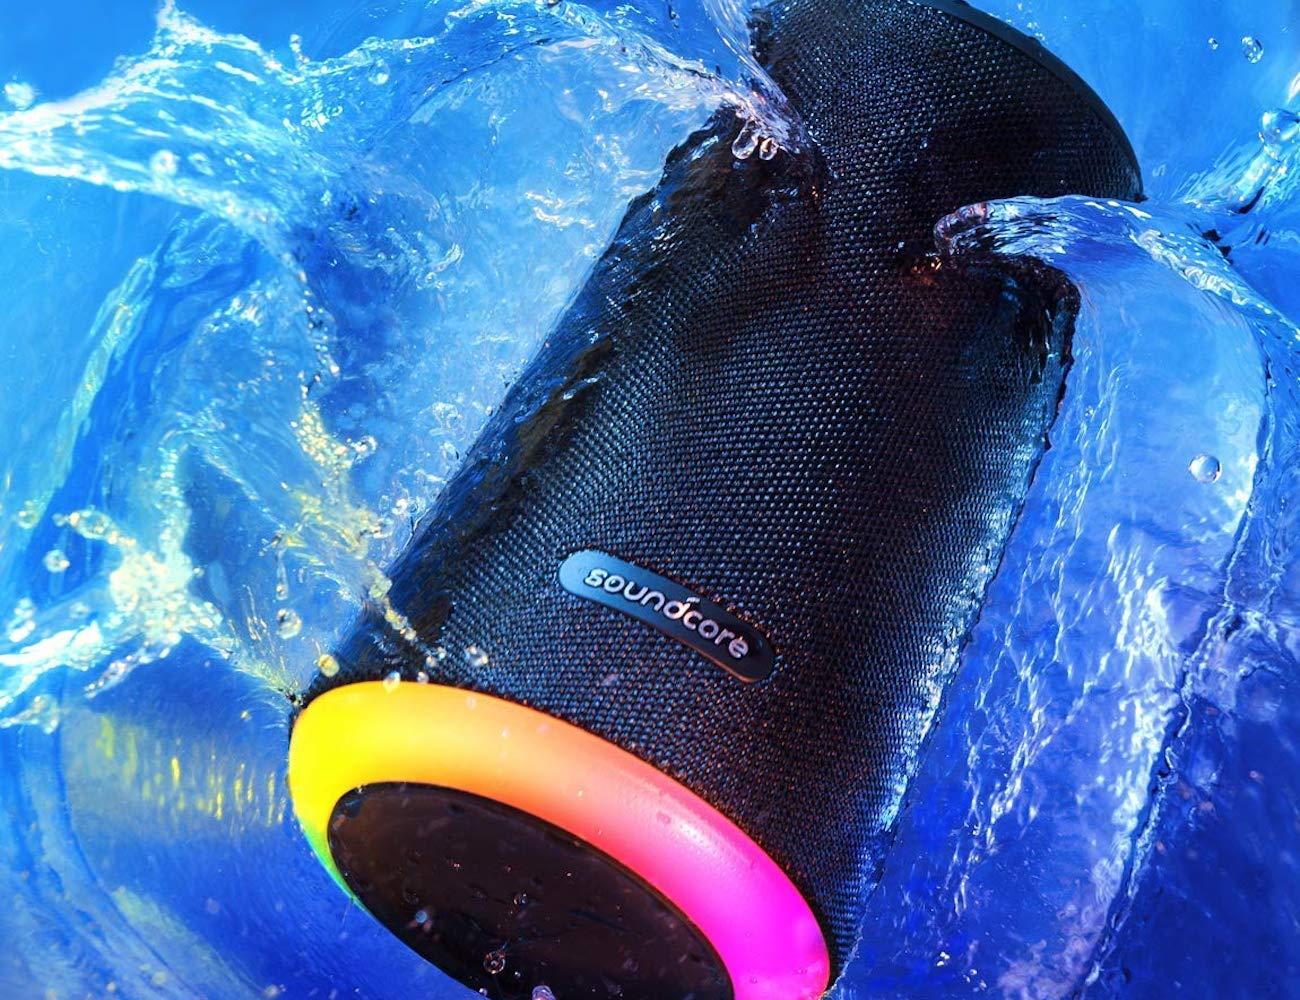 Anker Soundcore Flare+ Portable 360-Degree Bluetooth Speaker